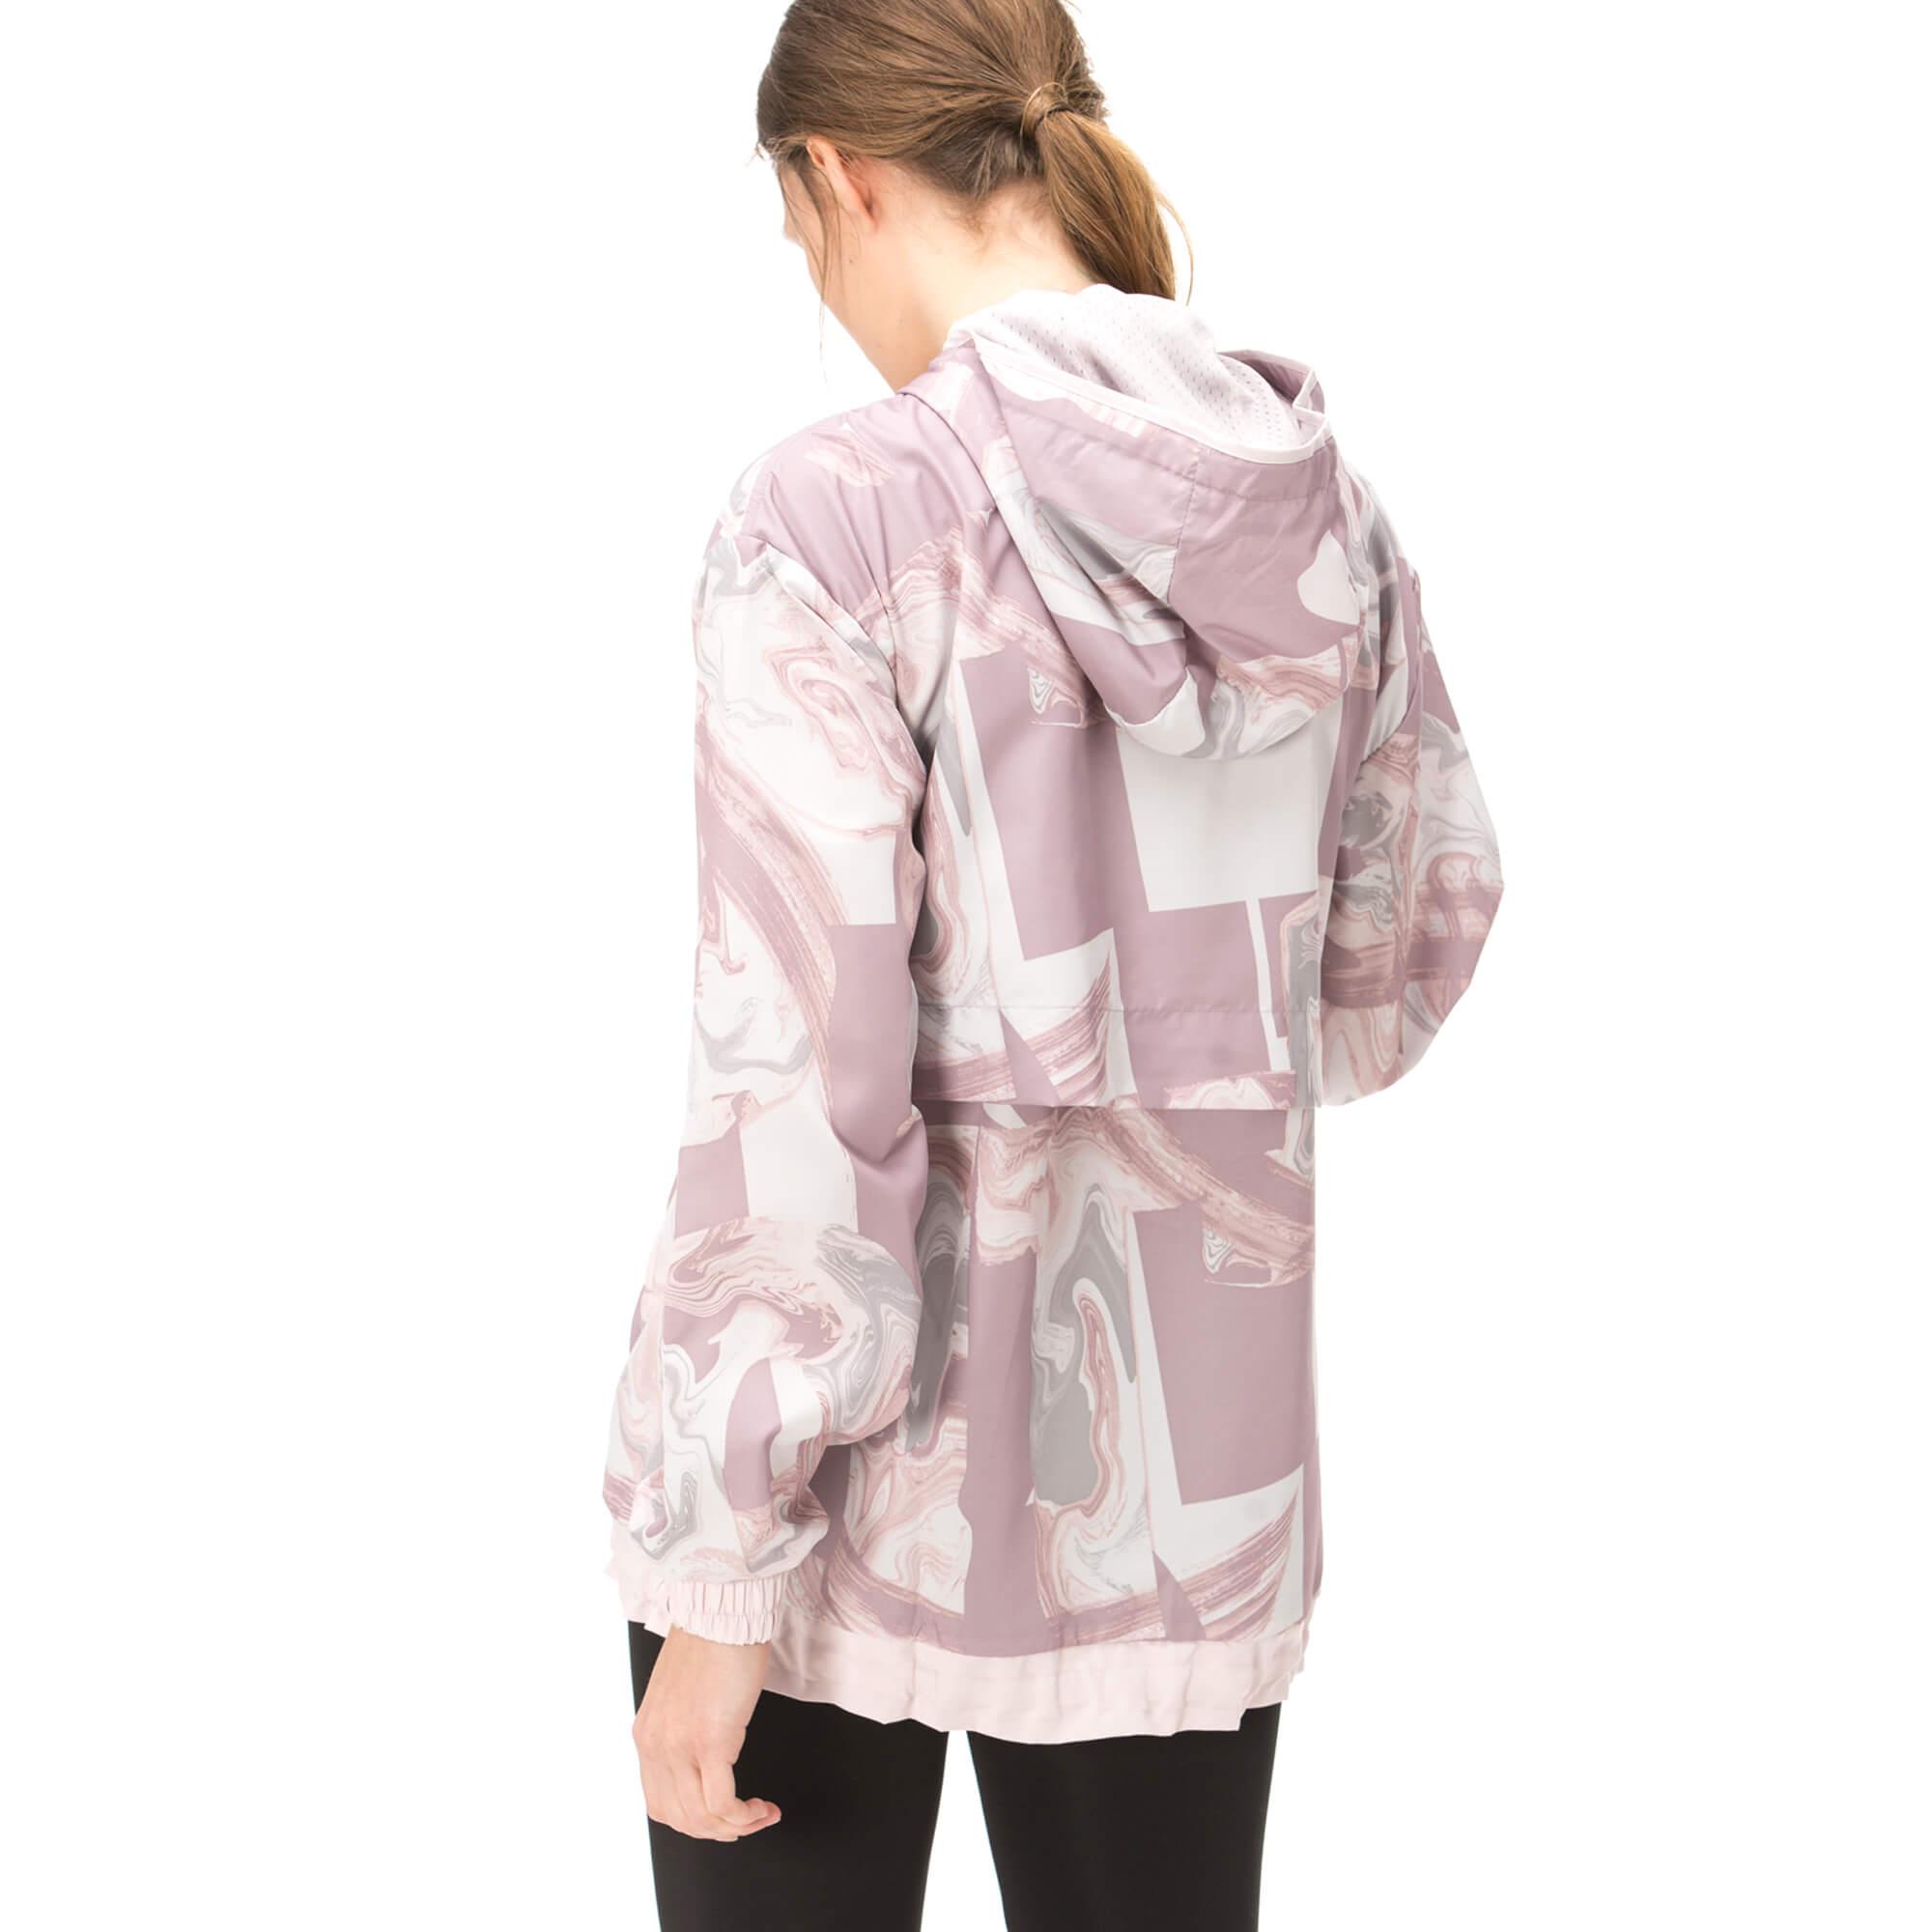 Nike Sportswear Kadın Pembe Ceket